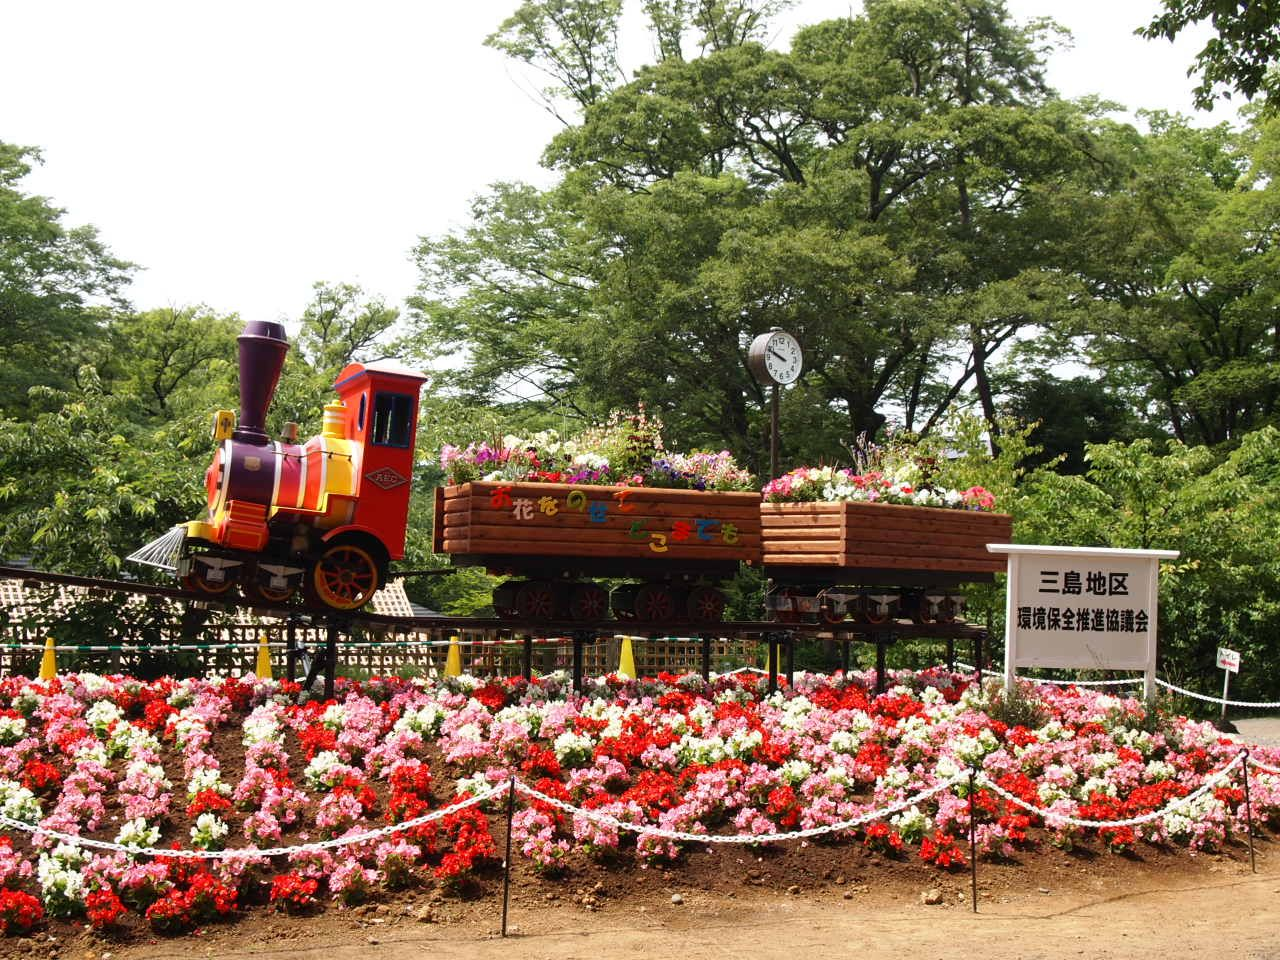 メルヘンチックな世界!!可愛らしい花に囲まれた列車